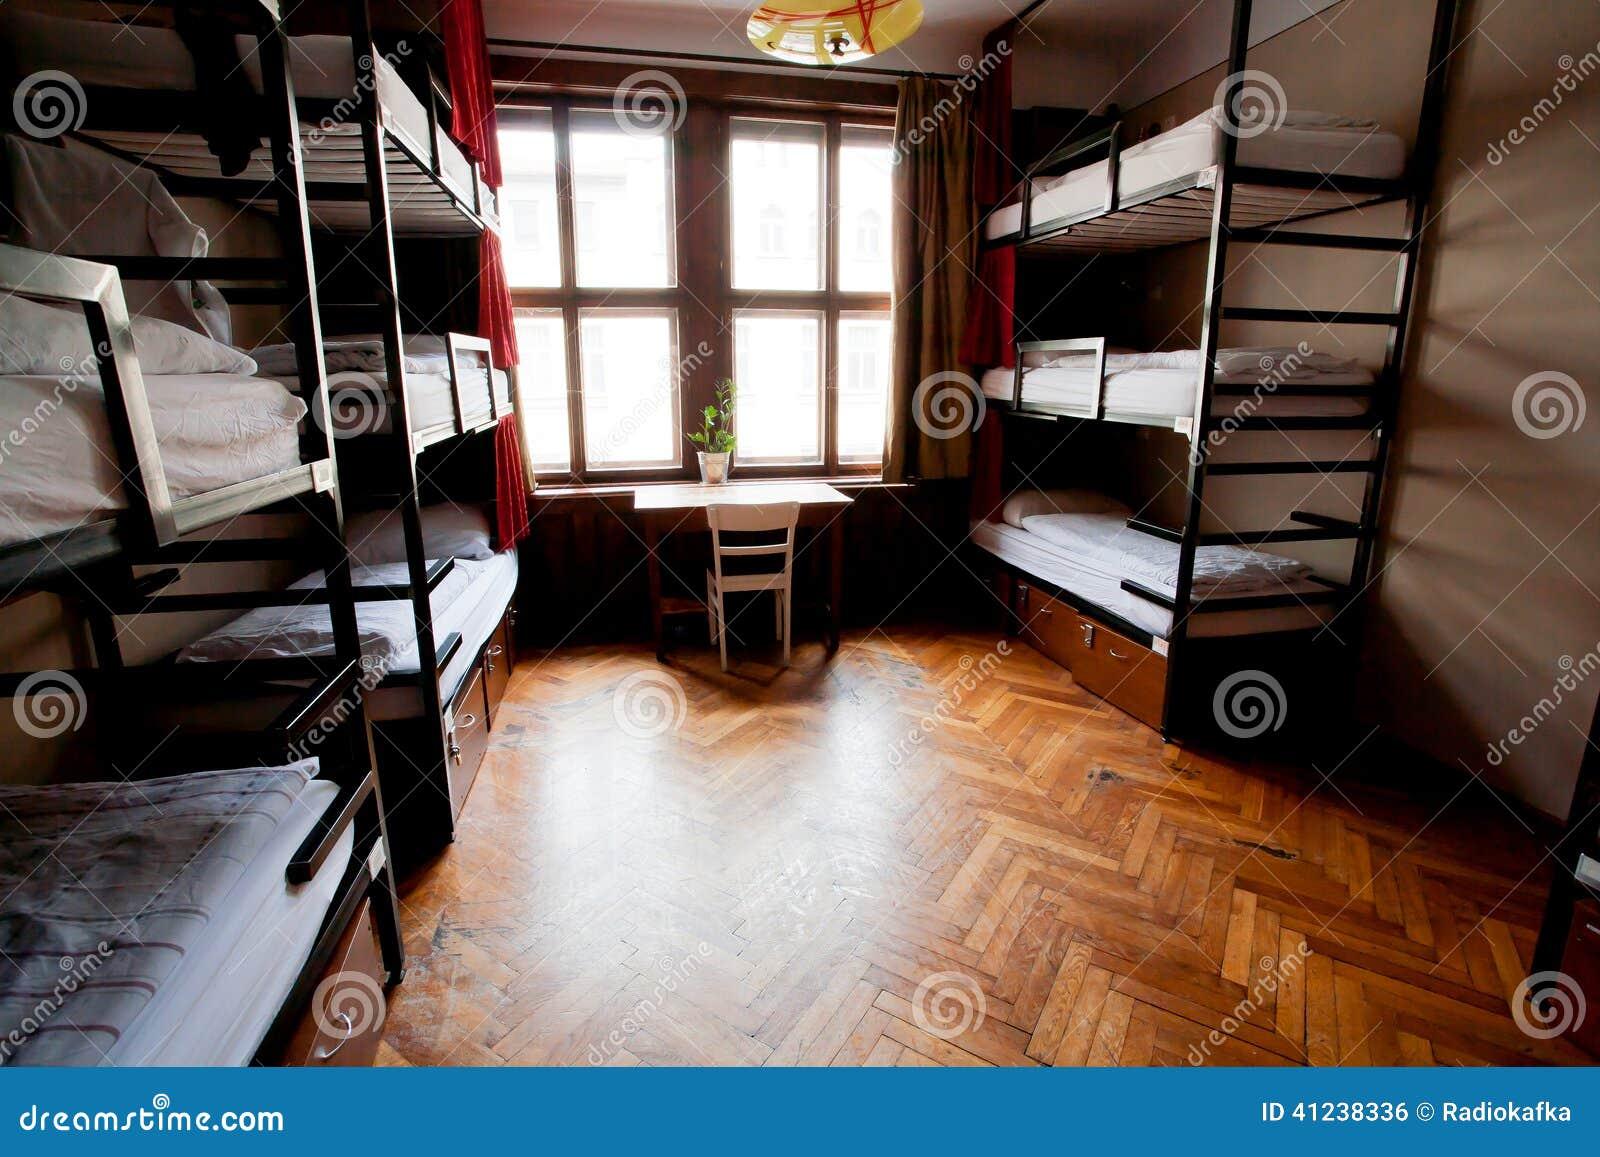 Μεγάλο παράθυρο στο δωμάτιο dorm του ευρωπαϊκού ξενώνα σπουδαστών με τα κρεβάτια επιπέδων